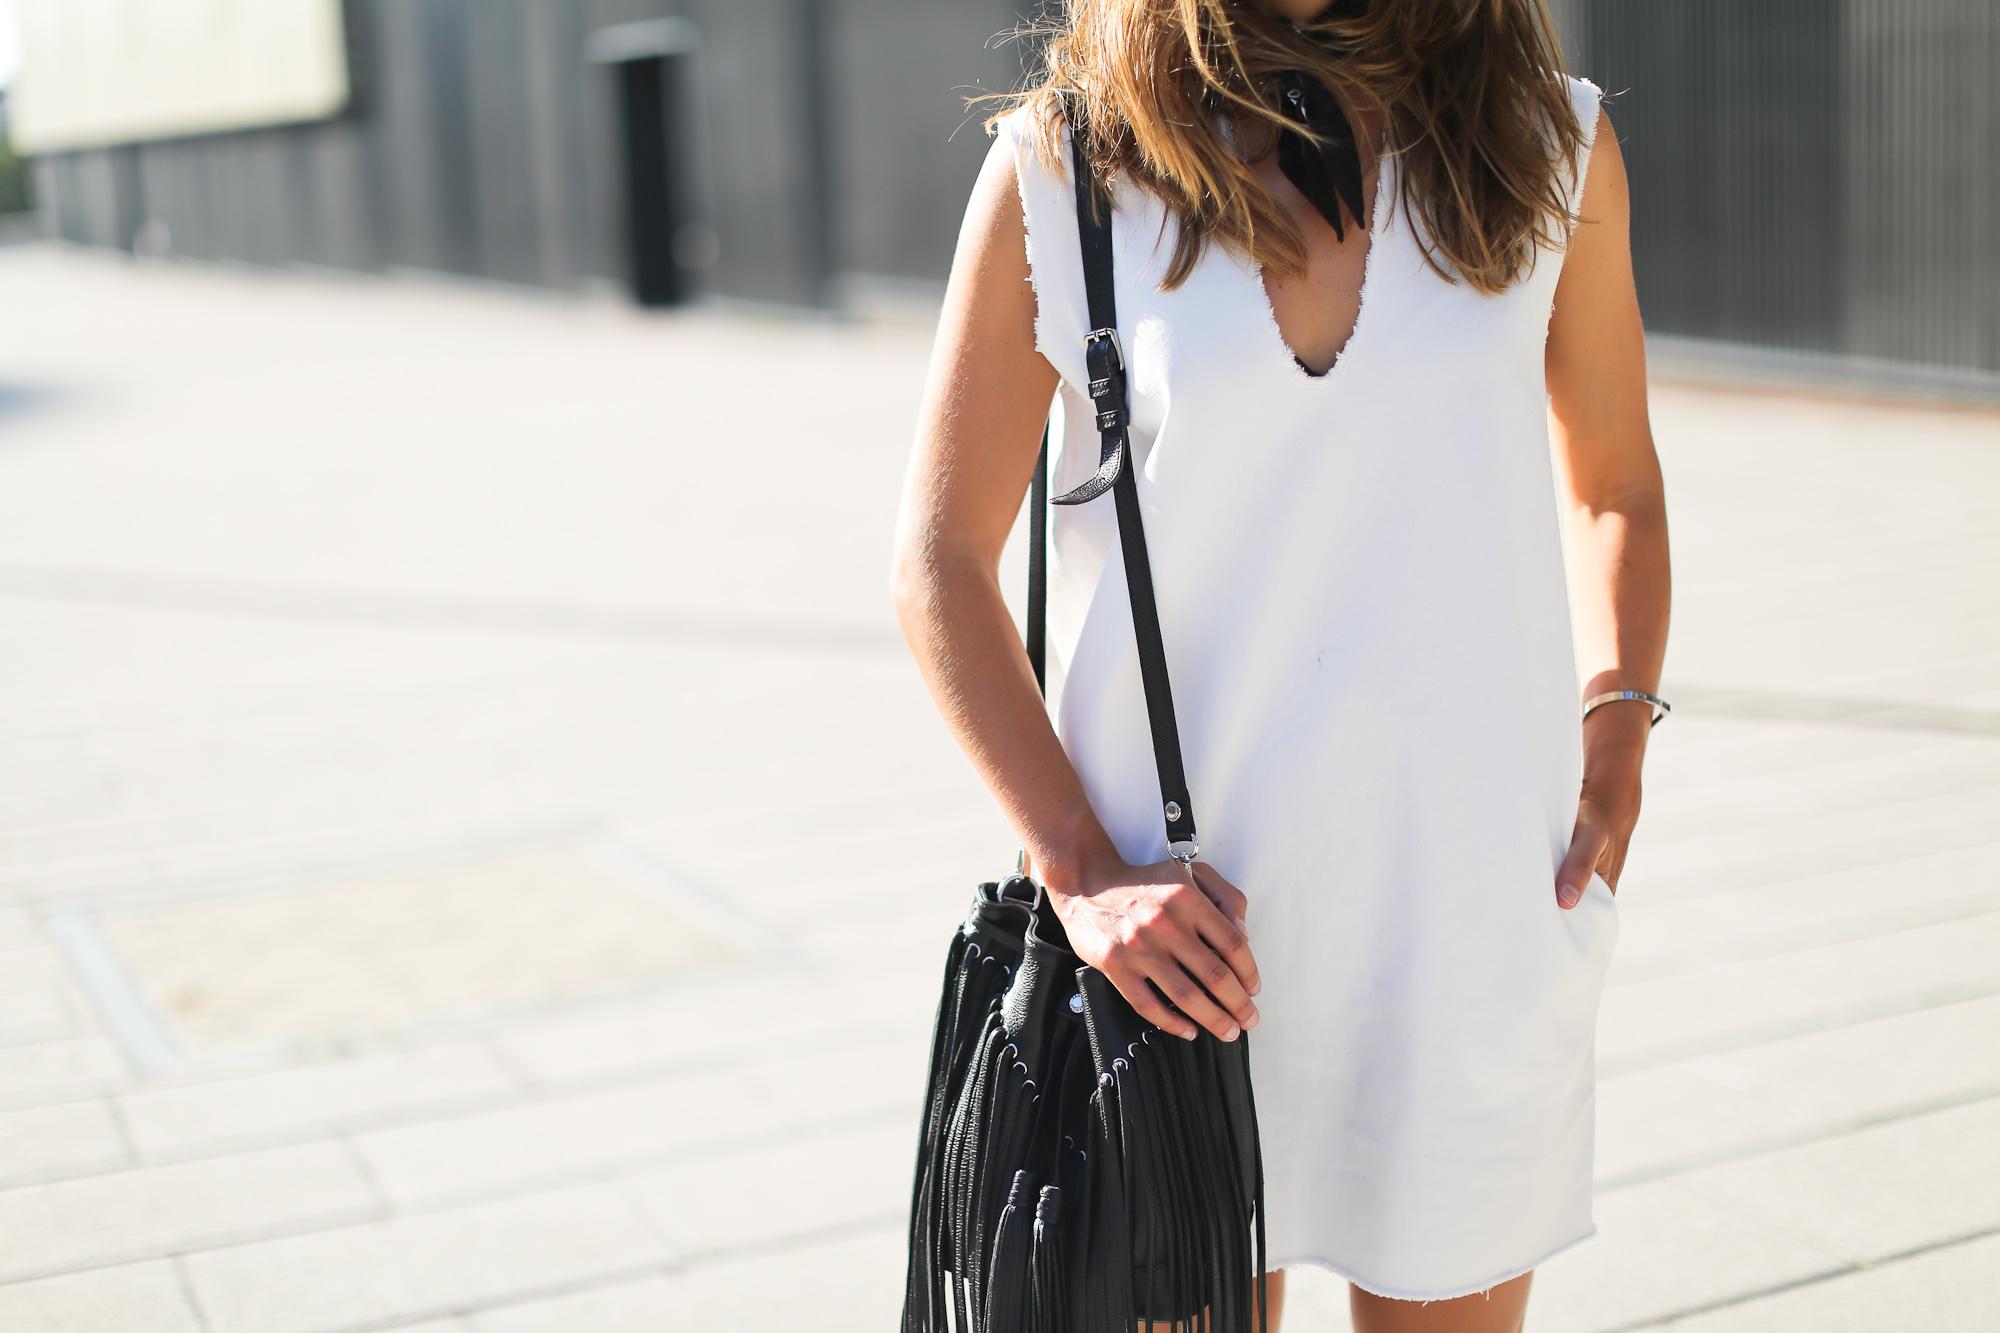 Clochet_streetstyle_maje_suede_fringed_jacket_bimbaylola_denim_white_dress-2